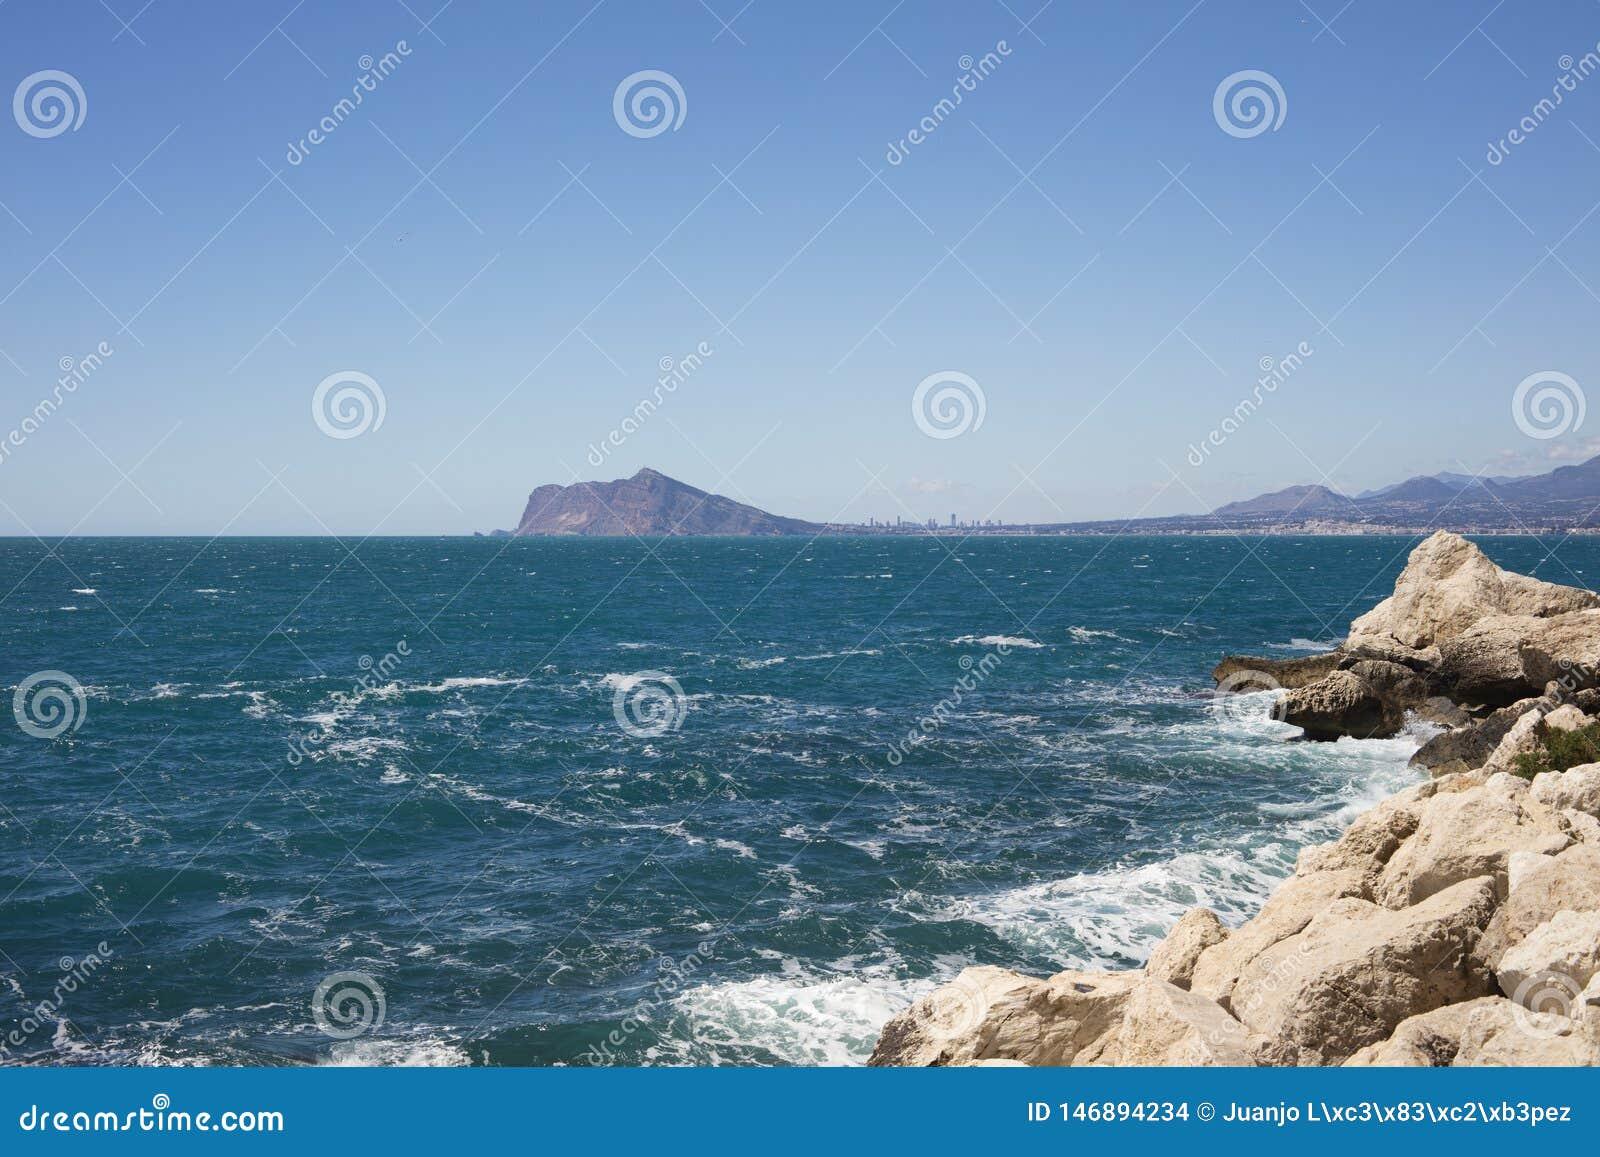 Szczegół plaża z turkusowym, błękitnym morzem z i